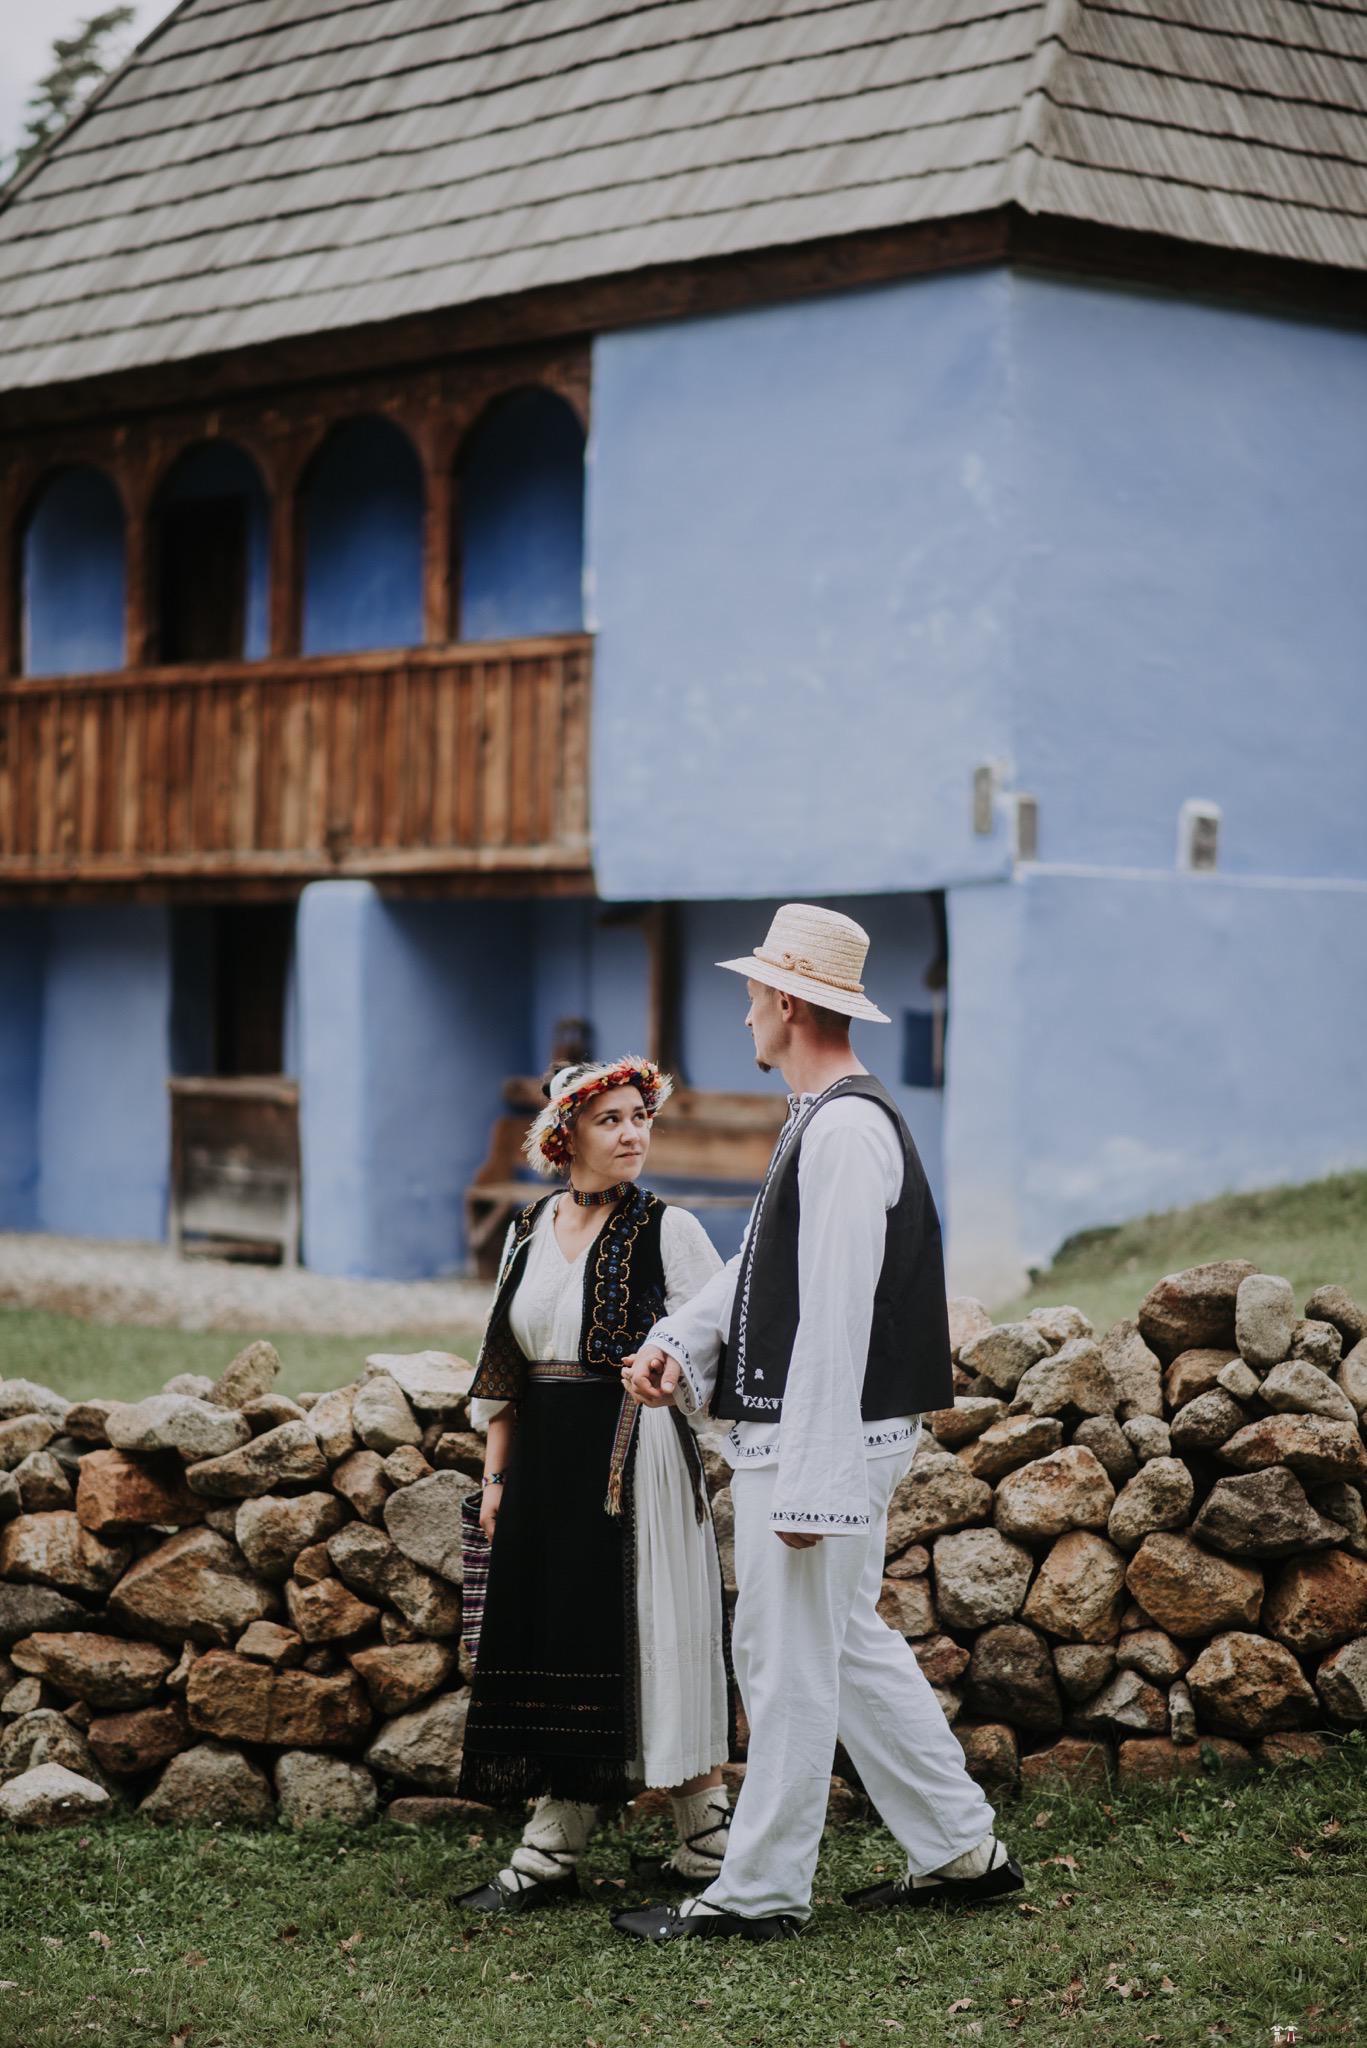 Povești Nunți Tradiționale - Silvia și Adrian. Nuntă tradițională în Ghighișeni, Bihor 116